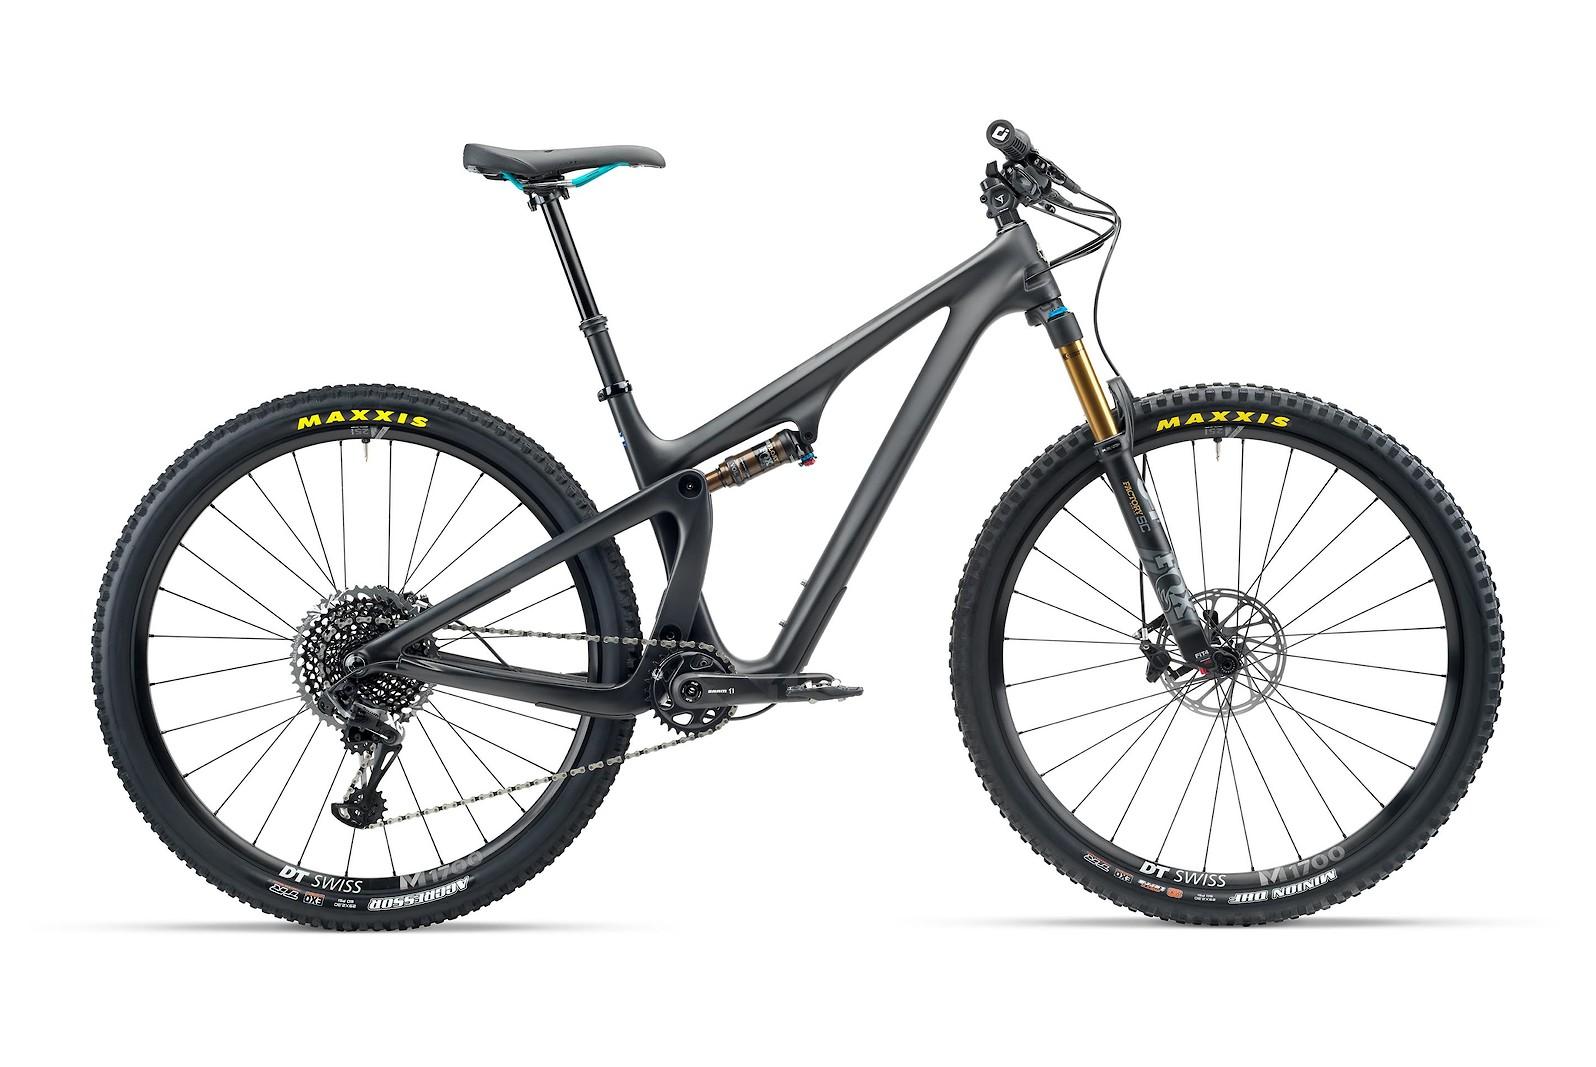 2020 Yeti SB100 (Black, T2 build shown)